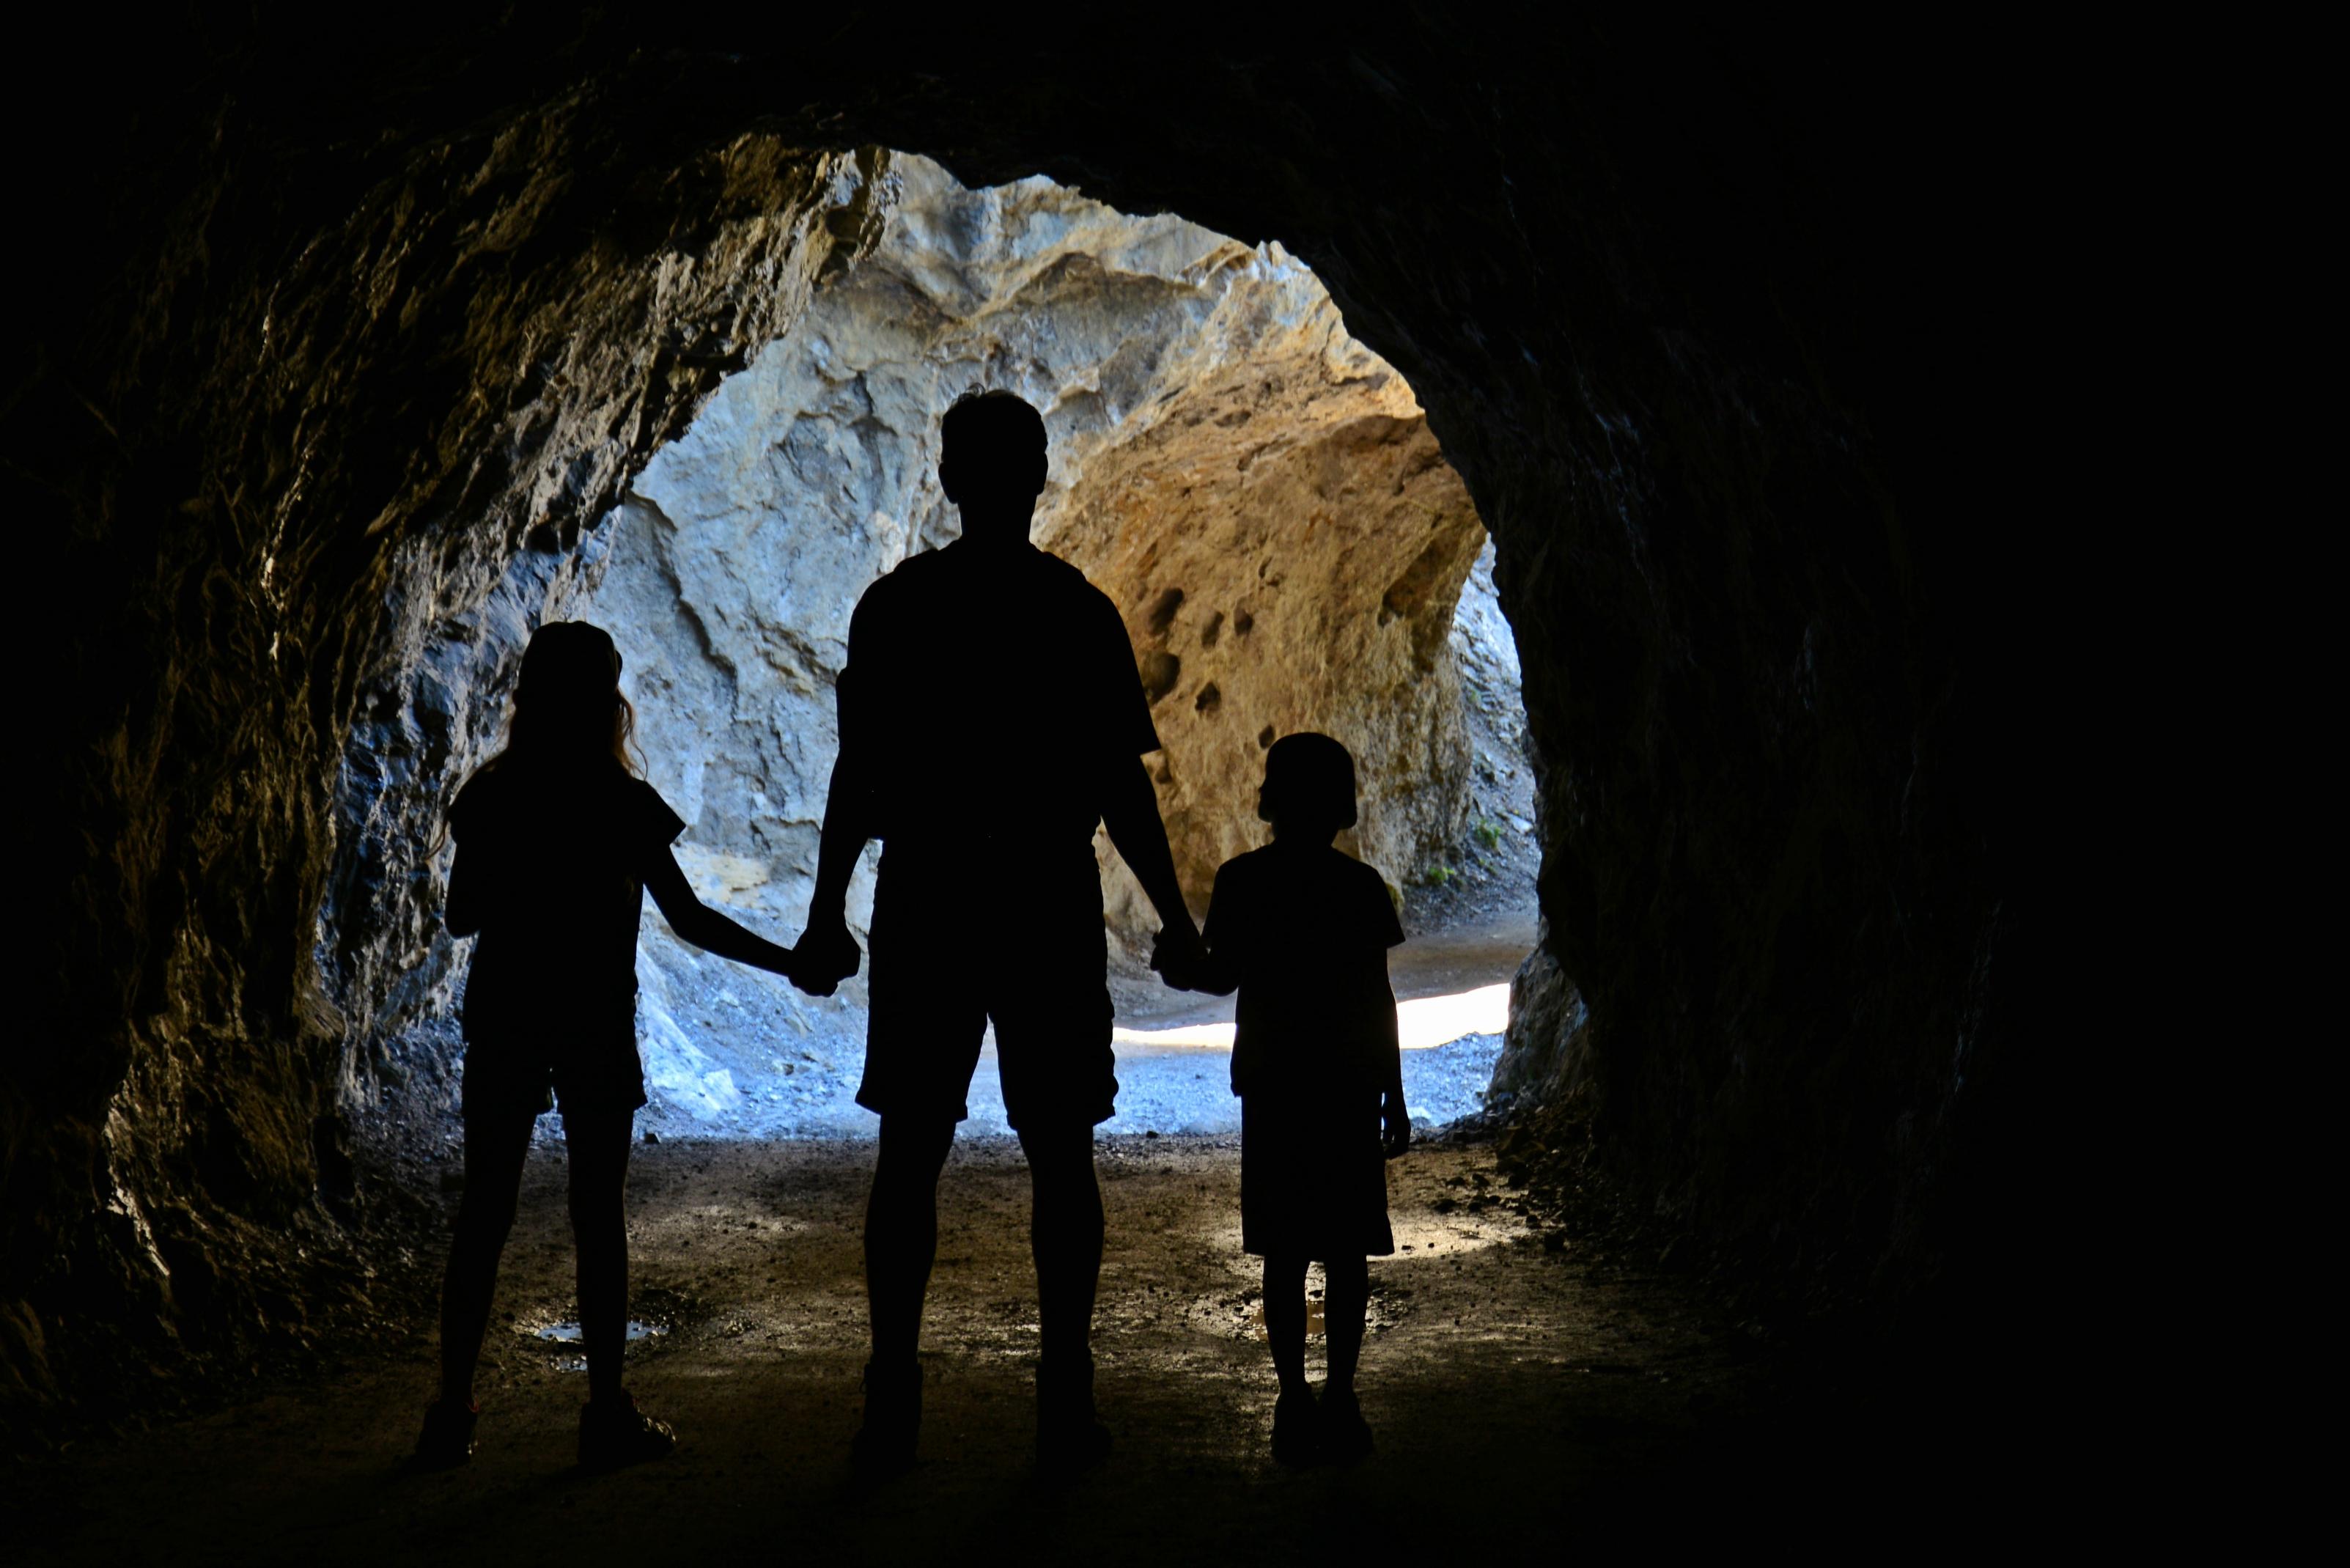 A0181 Sulzlalm Tunnel Schattenspiel.jpg